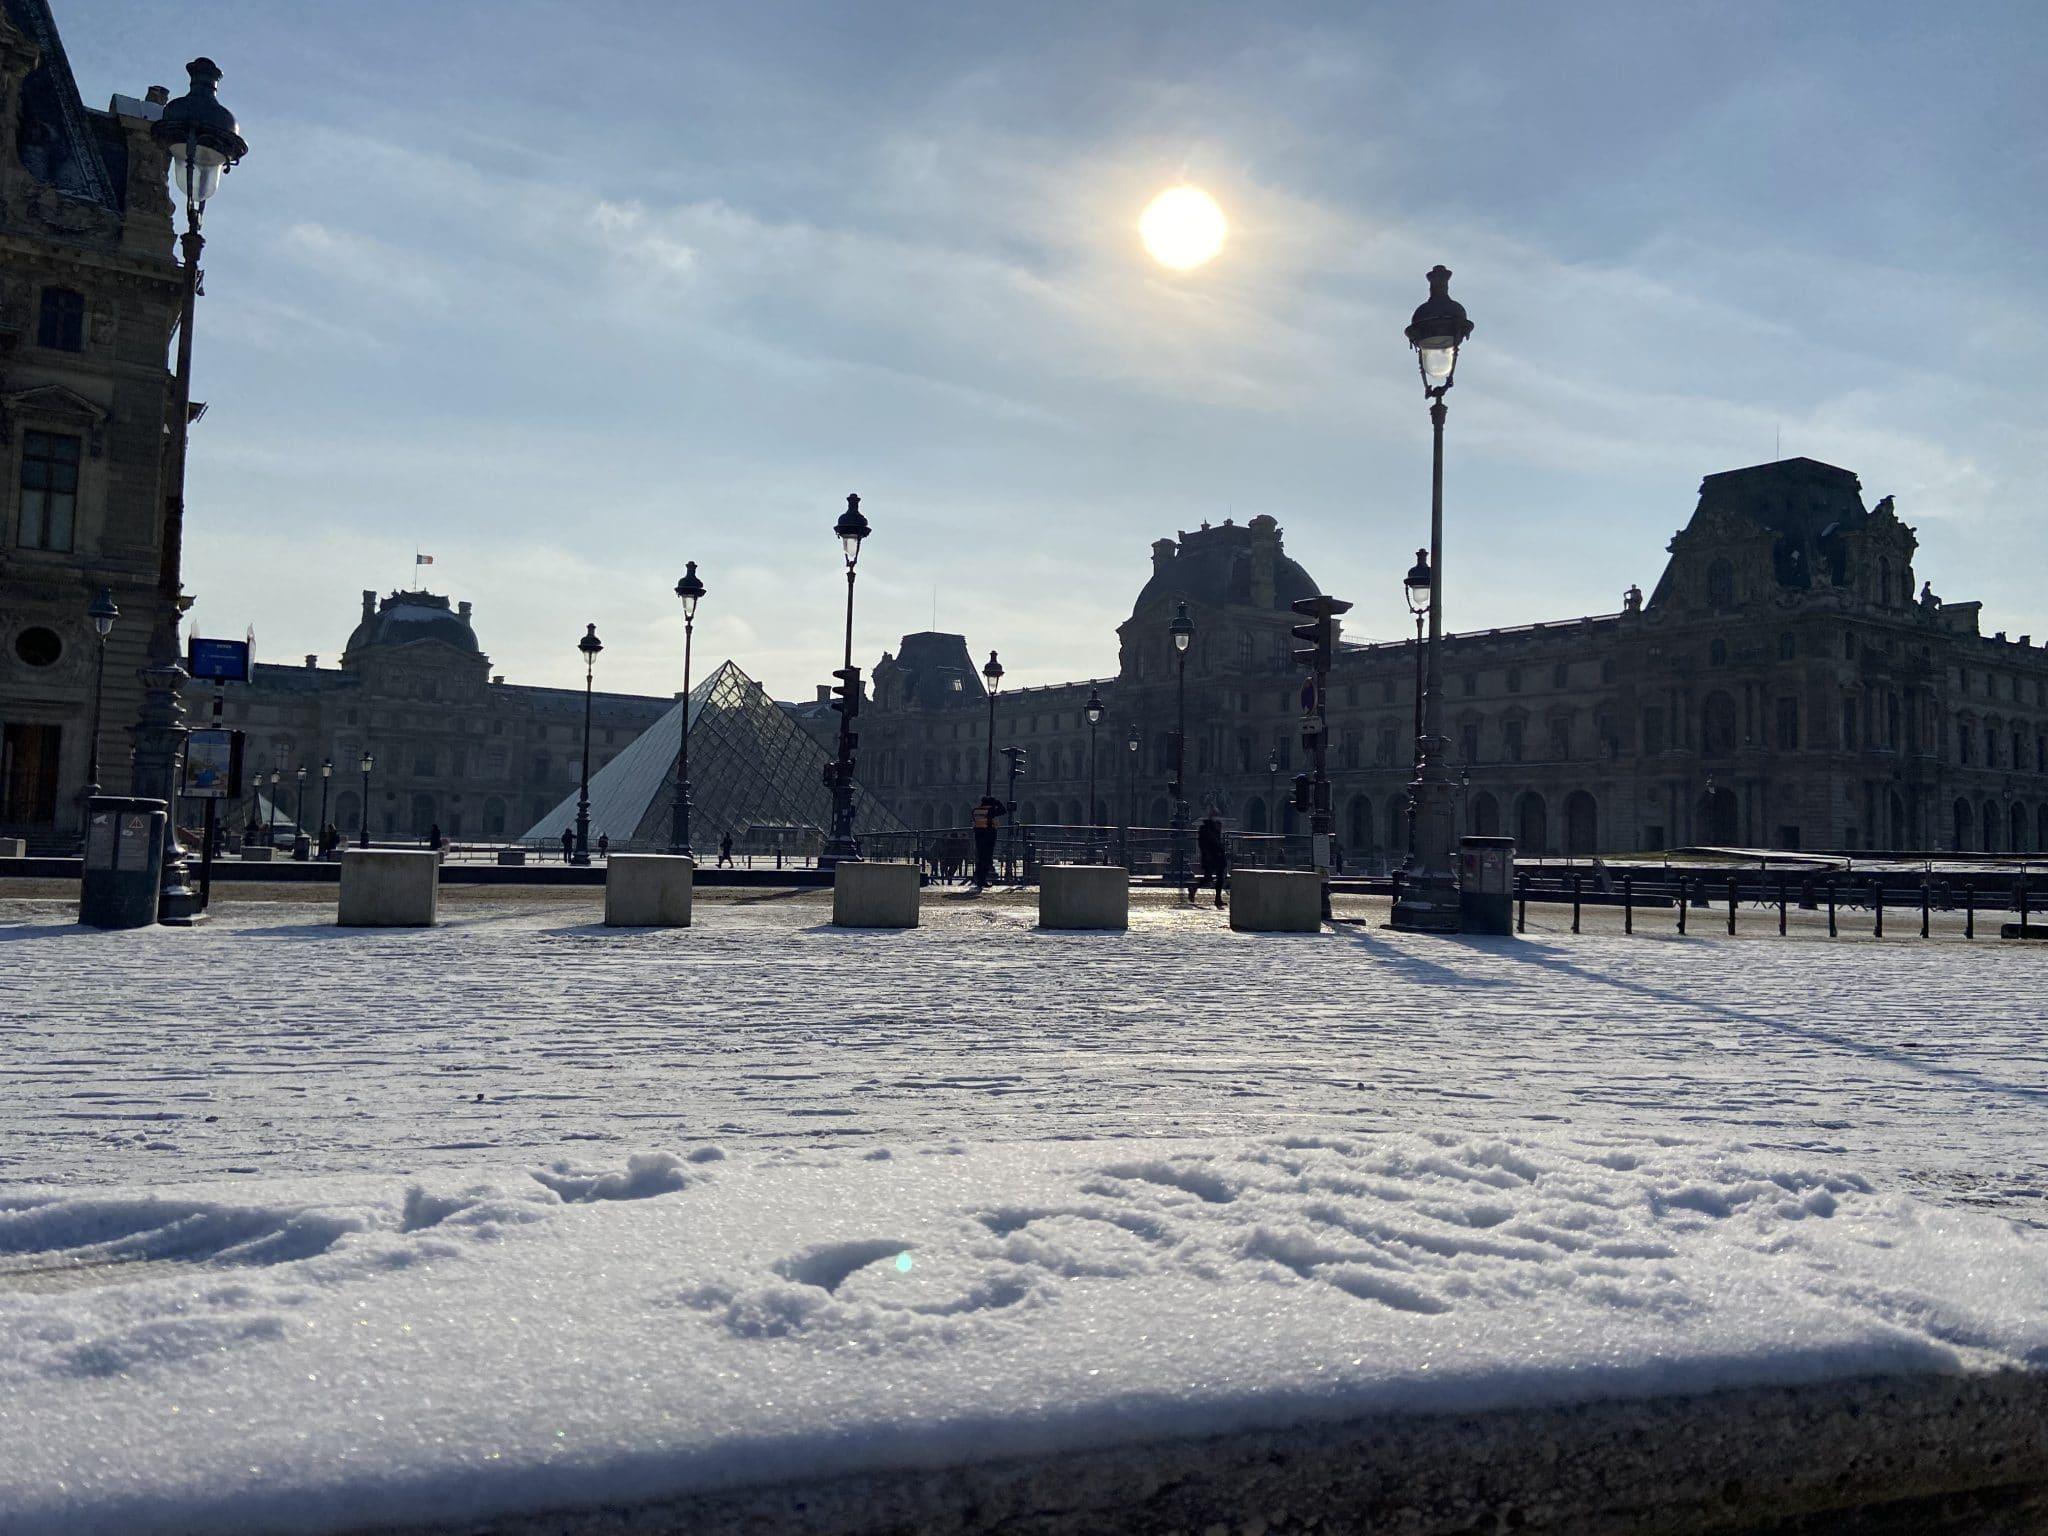 neige paris hiver février louvre tuileries pyramides